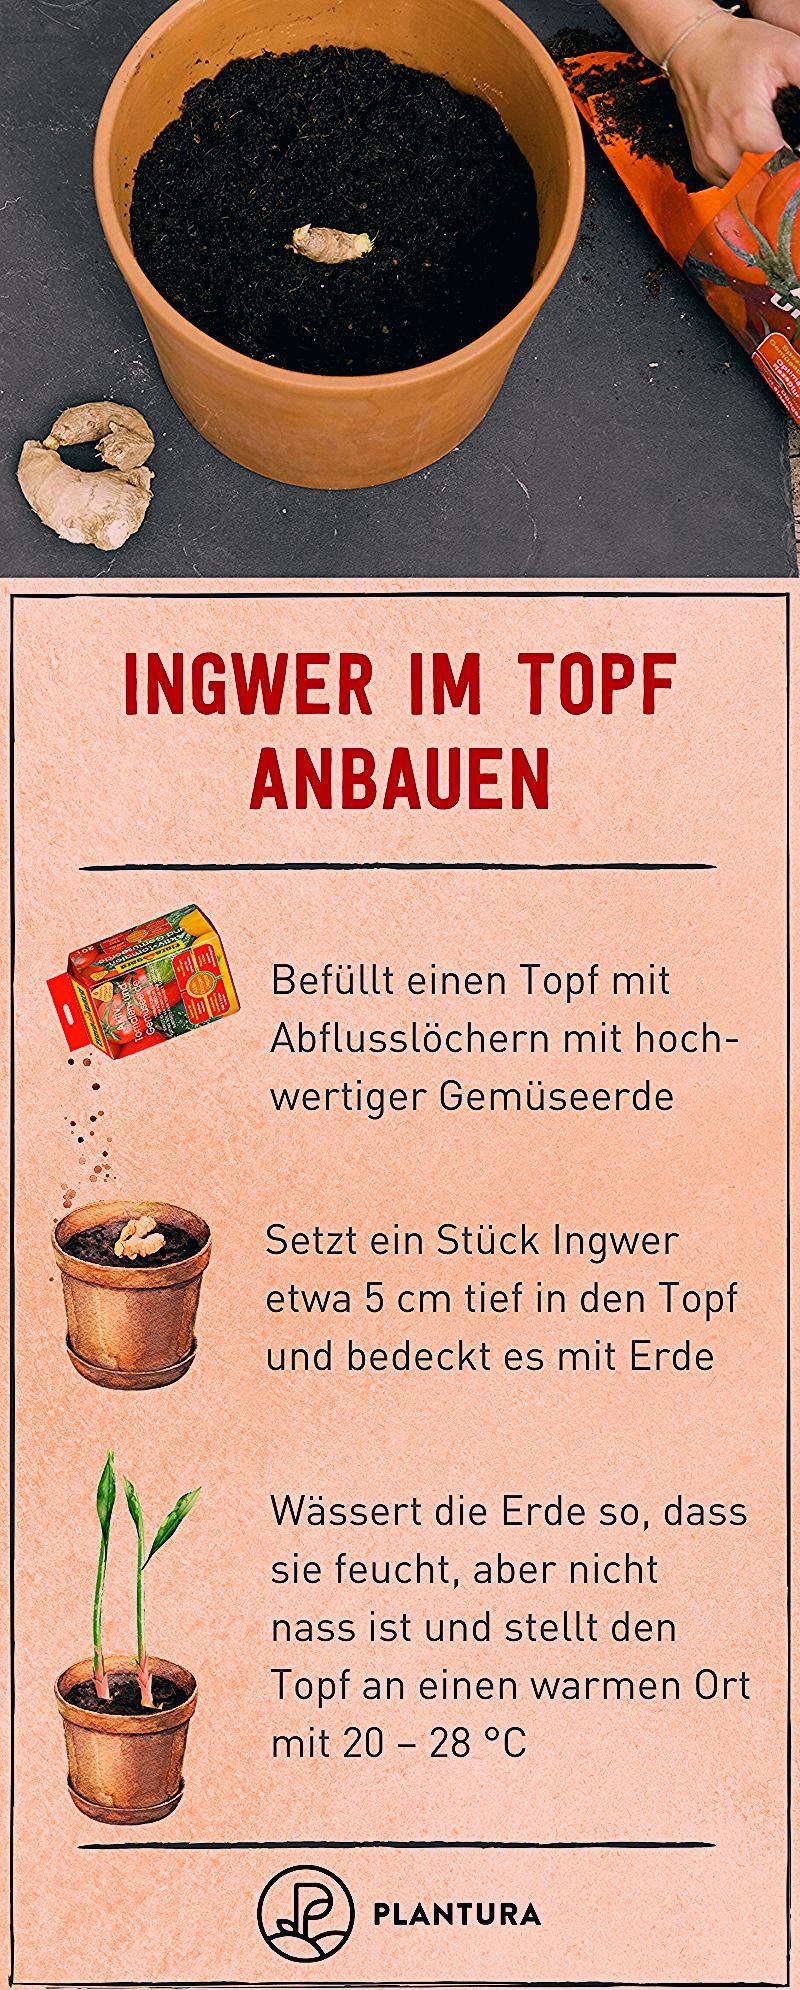 Photo of Wie bauche ich Ingwer im Topf an?